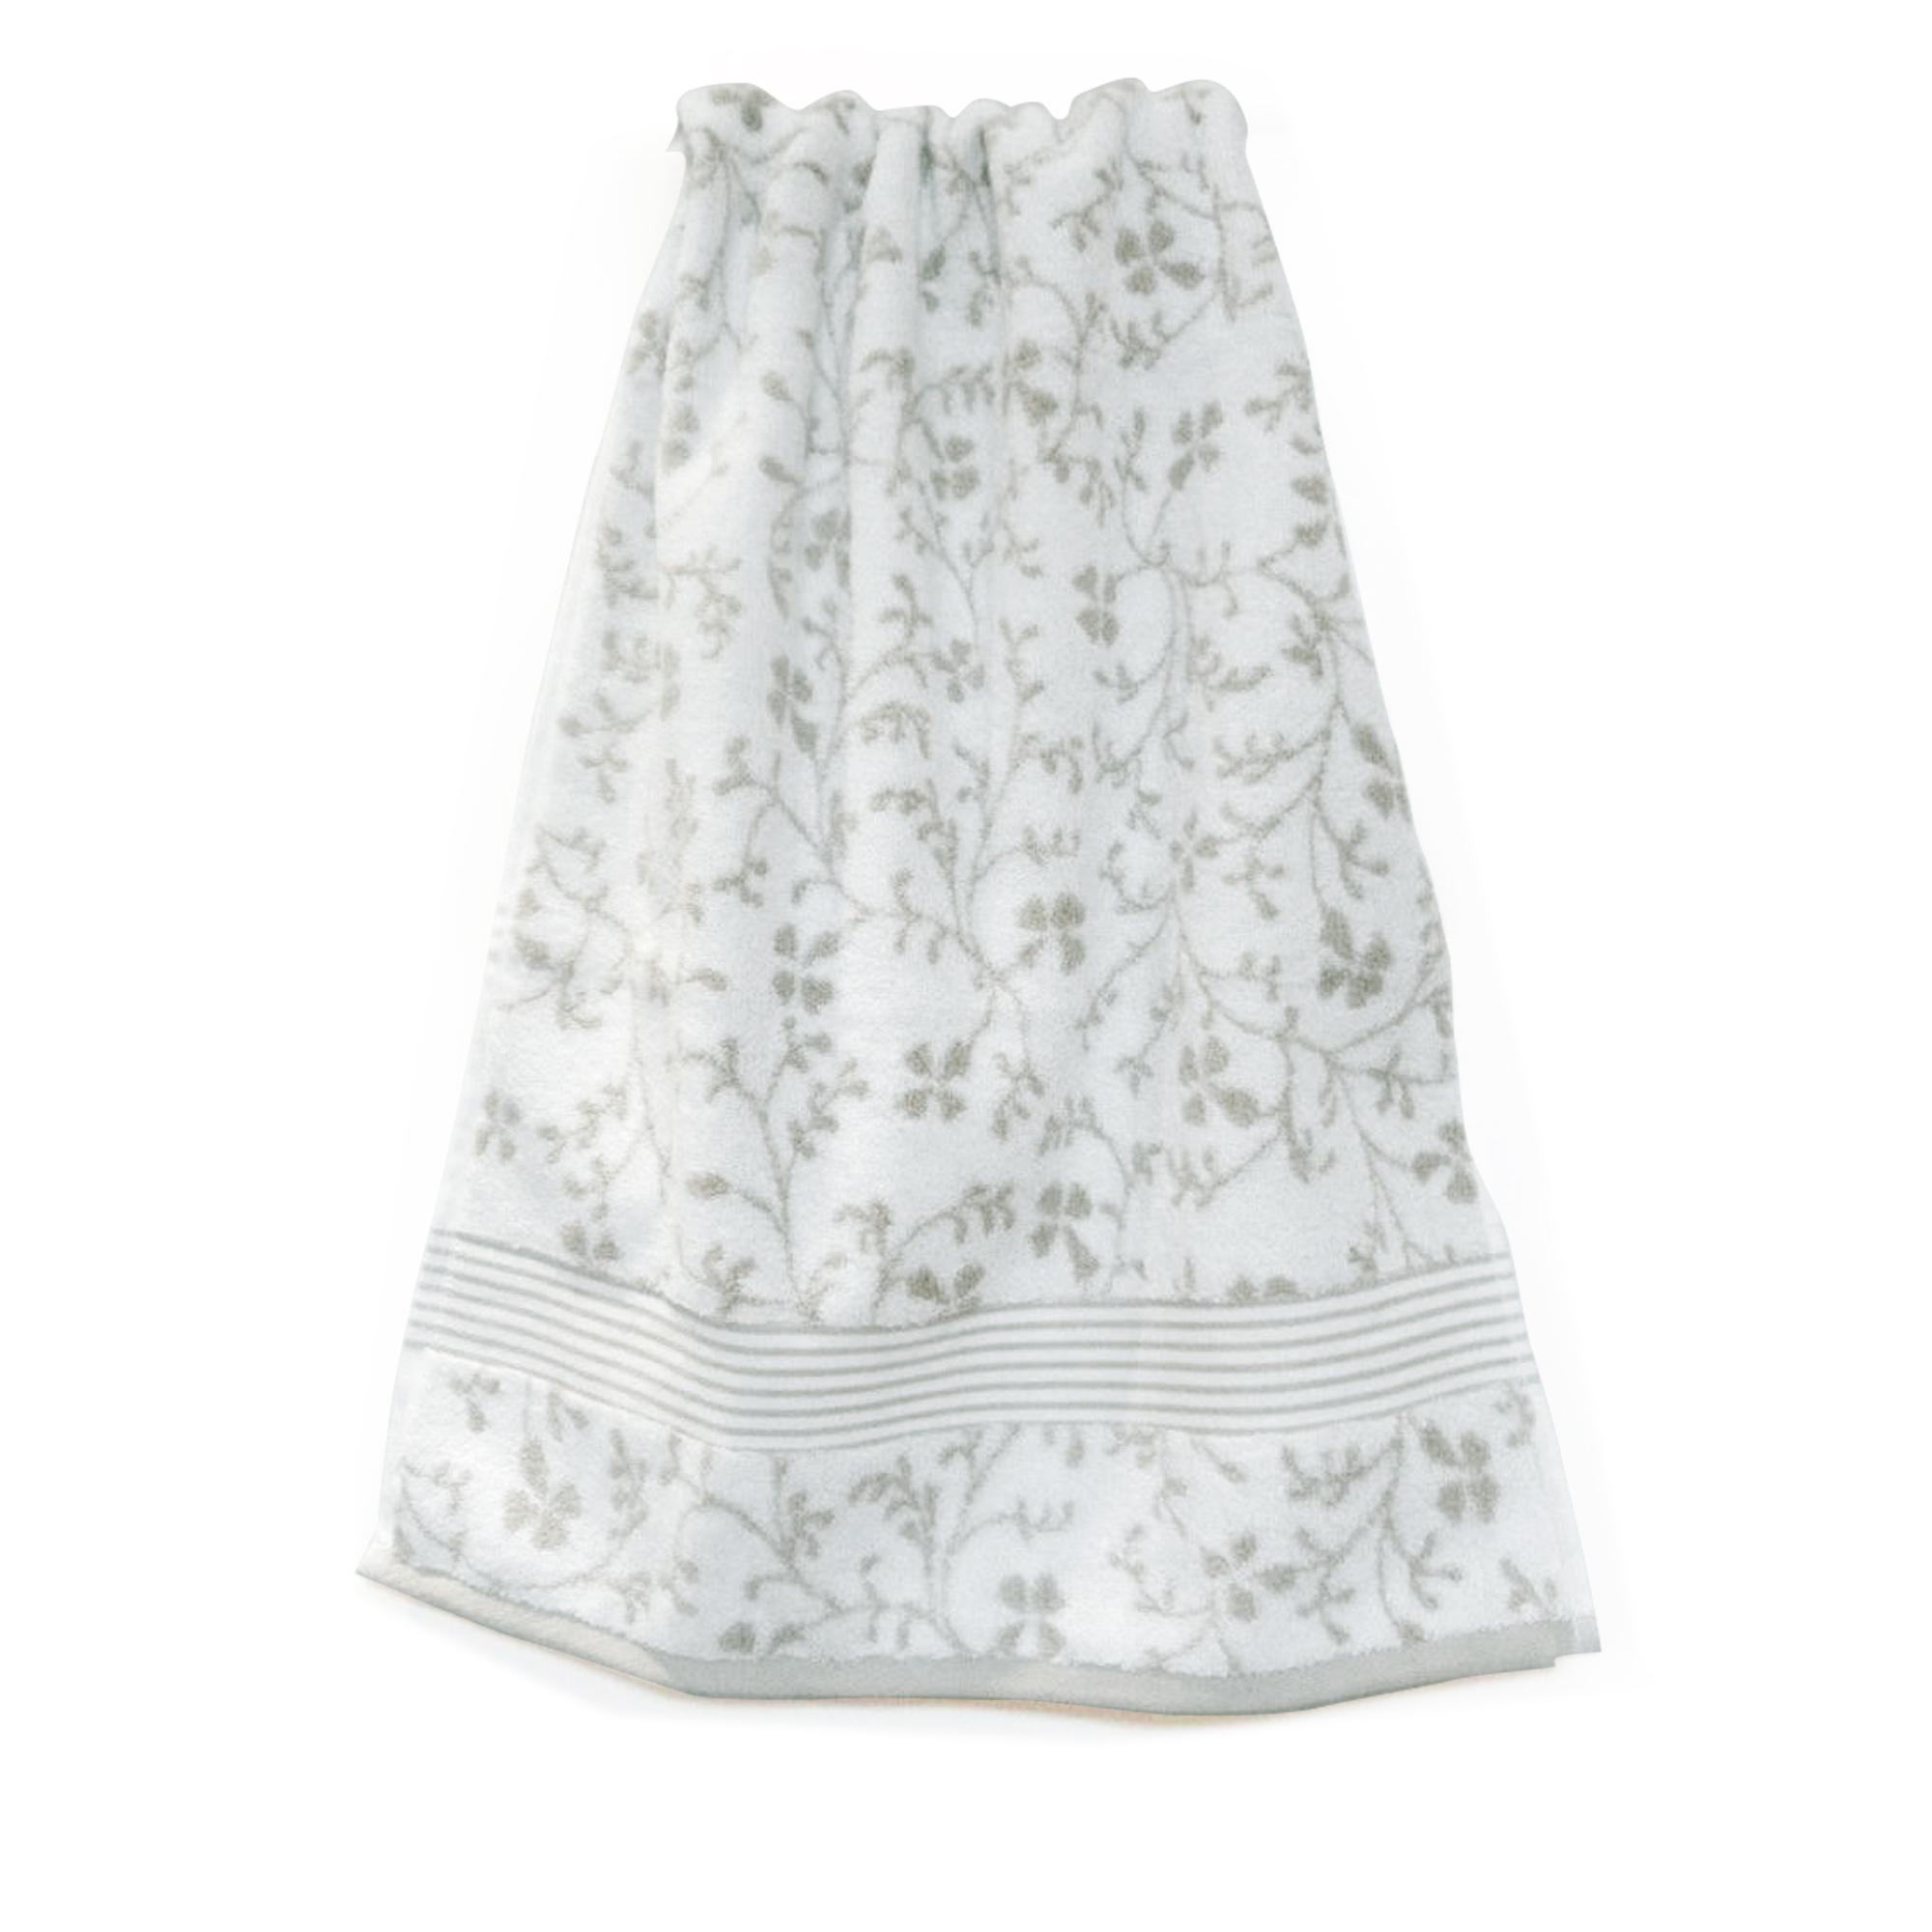 drap de bain 100x150cm uni coton vintage floral vert gris linnea vente de linge de maison. Black Bedroom Furniture Sets. Home Design Ideas